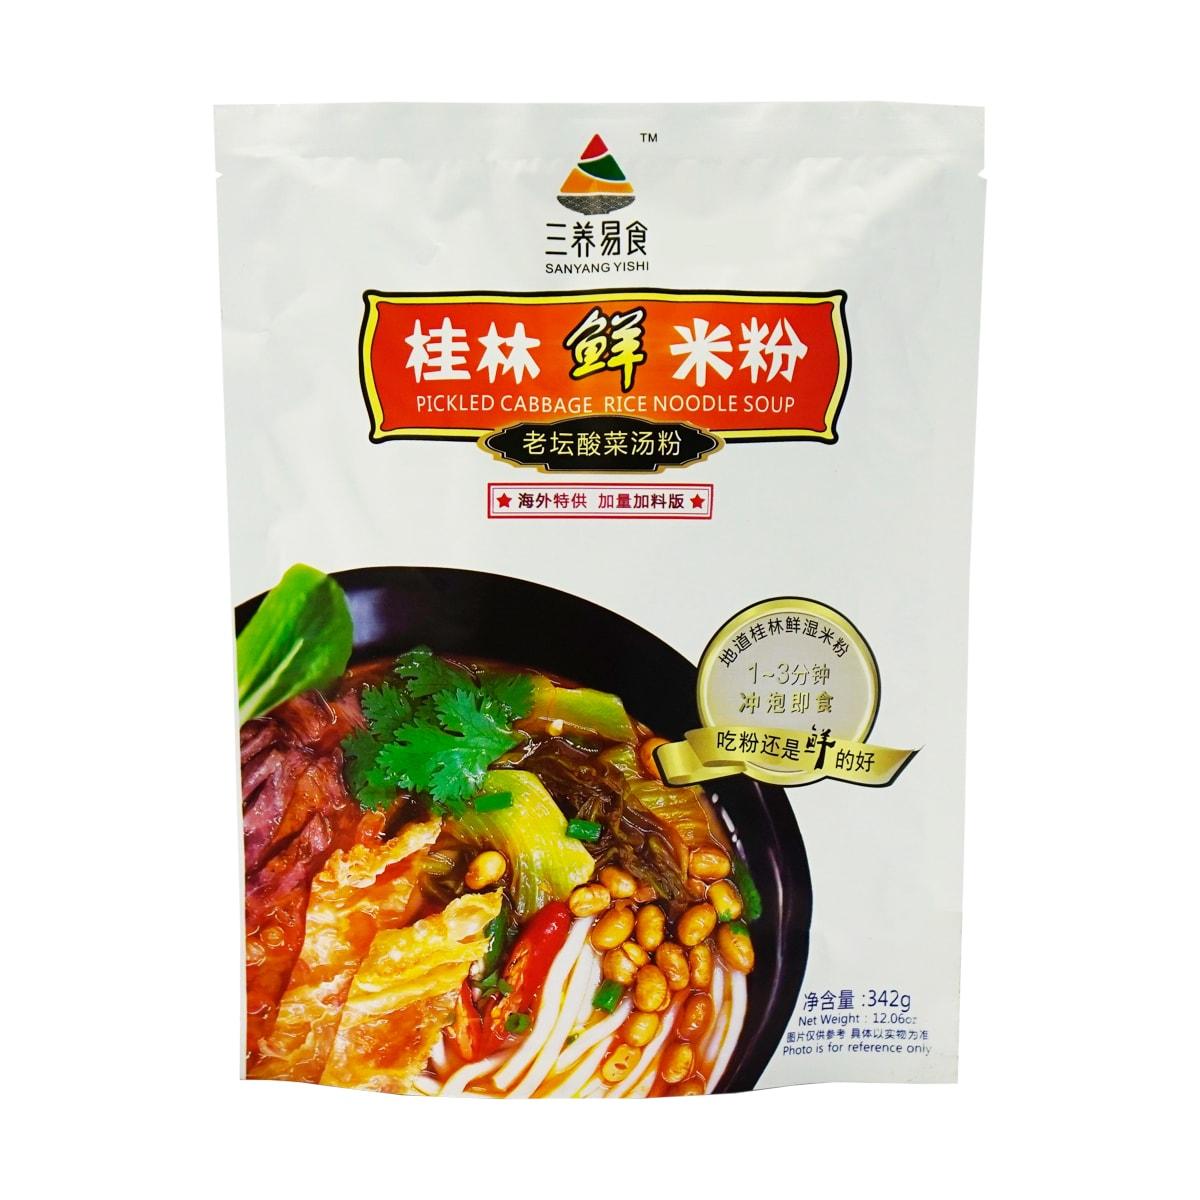 三养易食 老坛酸菜鲜米粉 袋装 342g 怎么样 - 亚米网